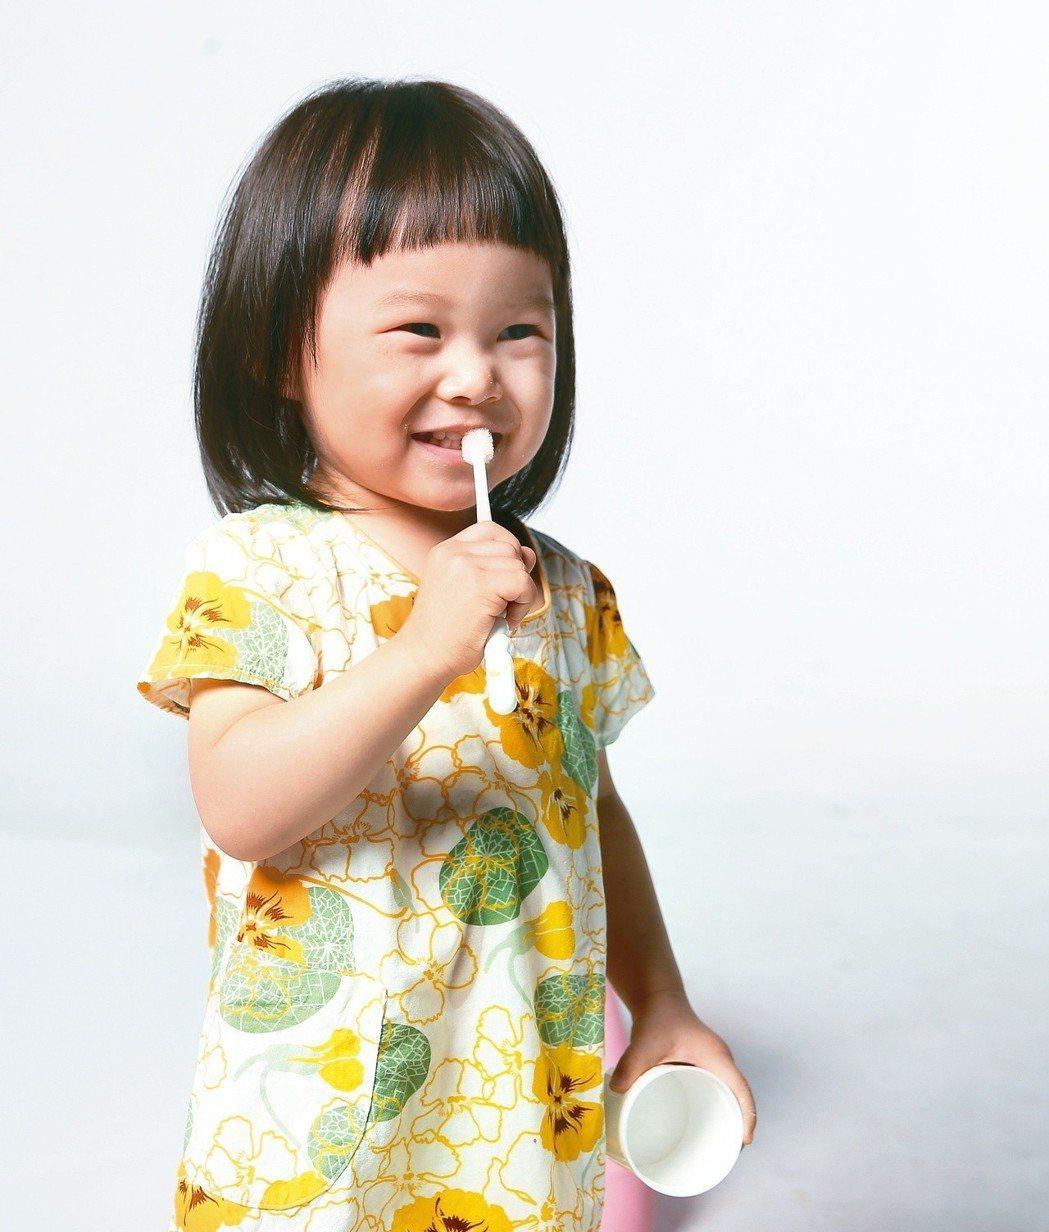 孩子一長牙就可刷牙,建議選擇小頭、軟毛牙刷,兩顆、兩顆慢慢刷。 圖/聯合報系資料...